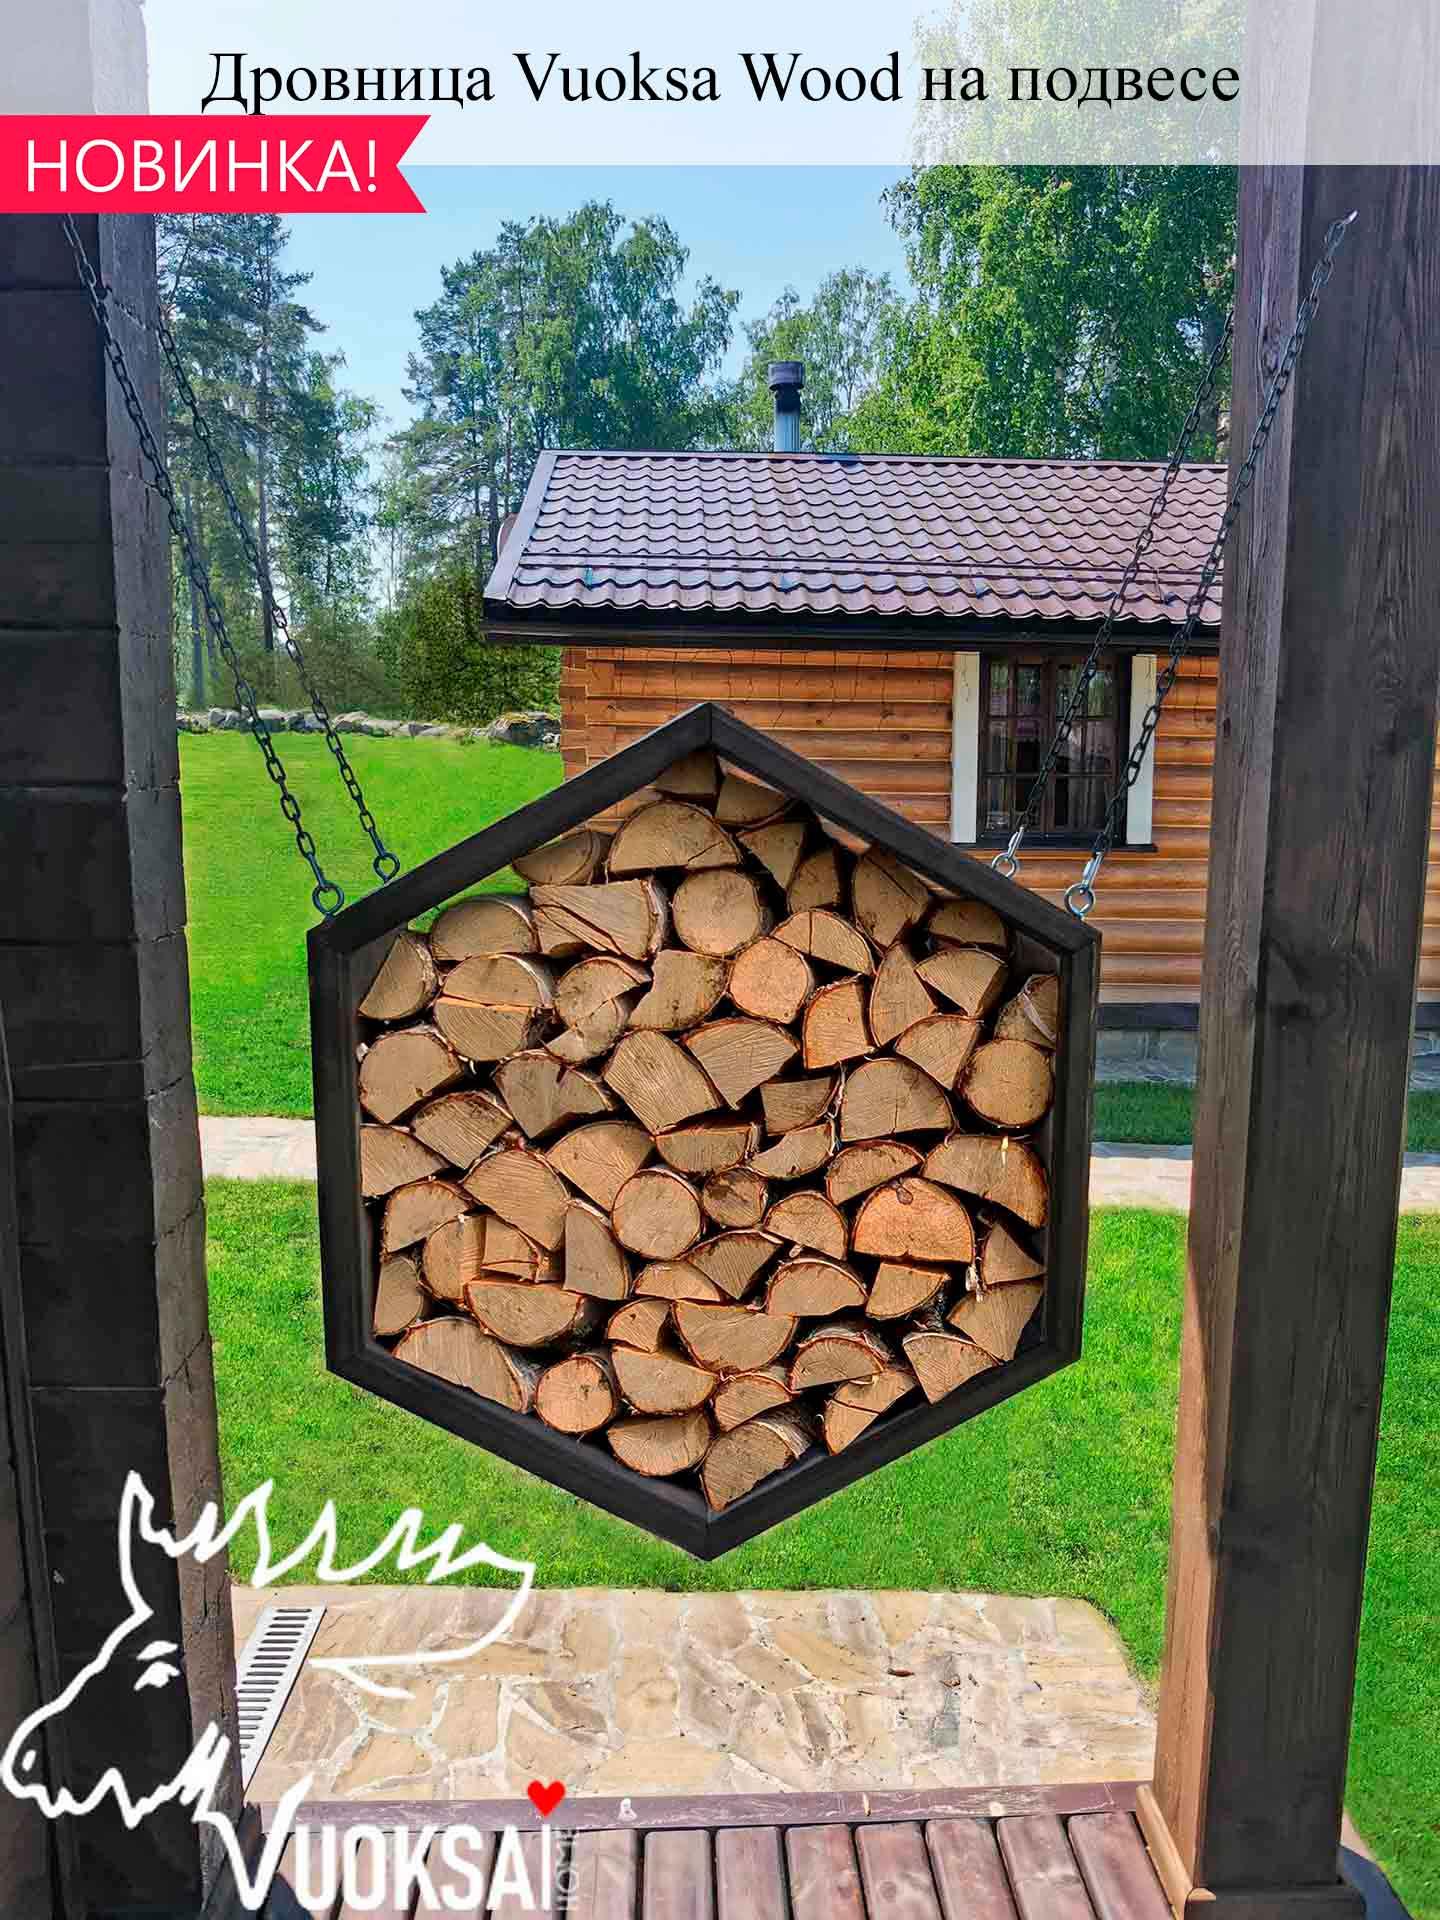 Уличные дровницы Vuoksa-Wood